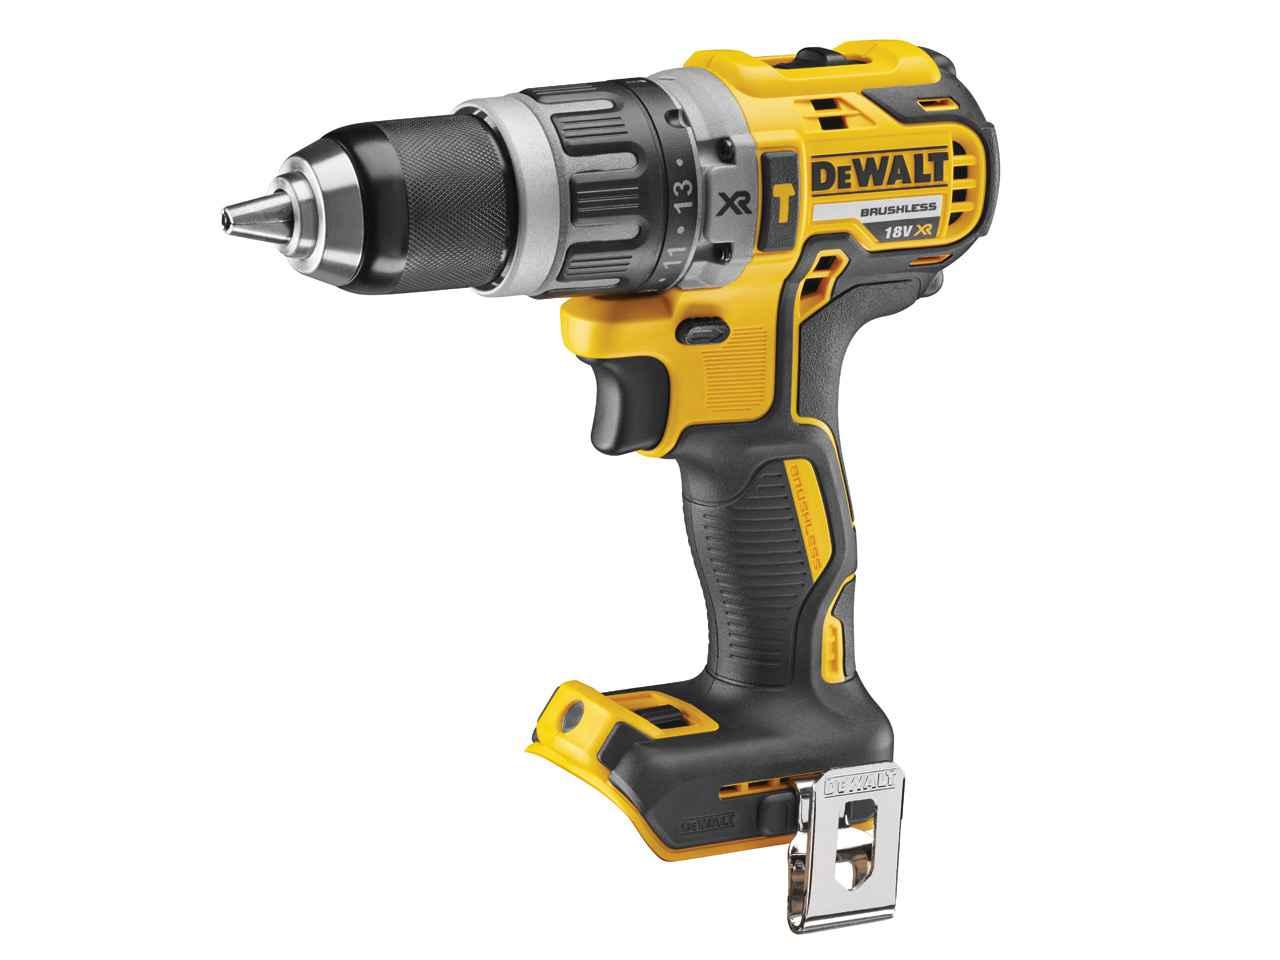 Dewalt DCD796N 18v XR Brushless Combi Hammer Drill (Bare Tool) - £62.70 delivered with code @ FFX